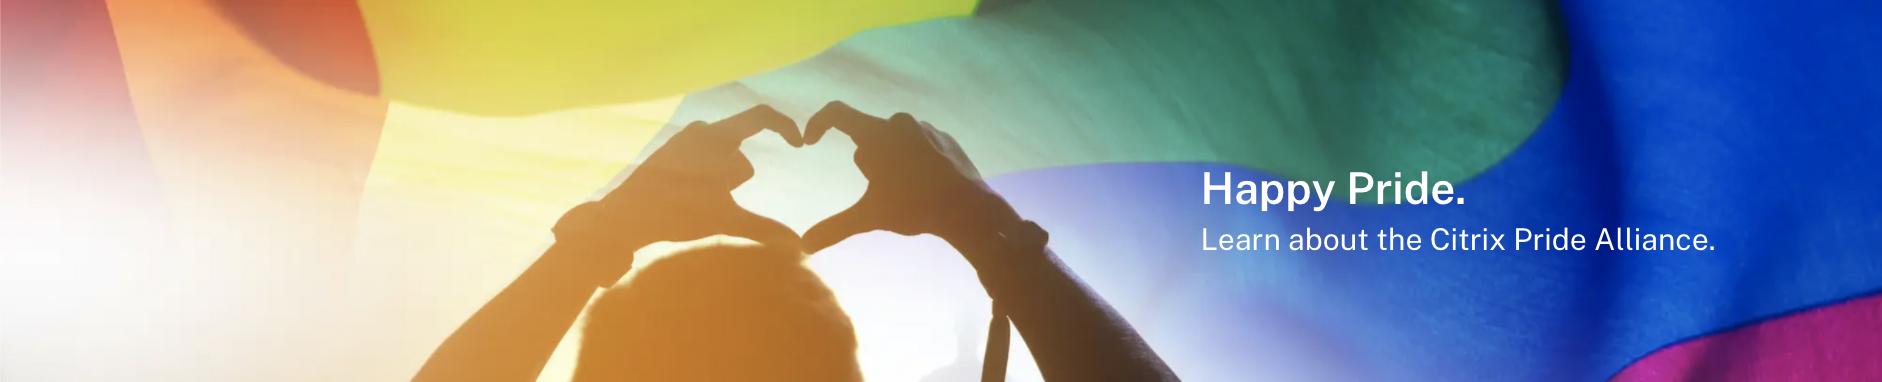 Happy Pride. Learn about the Citrix Pride Alliance.